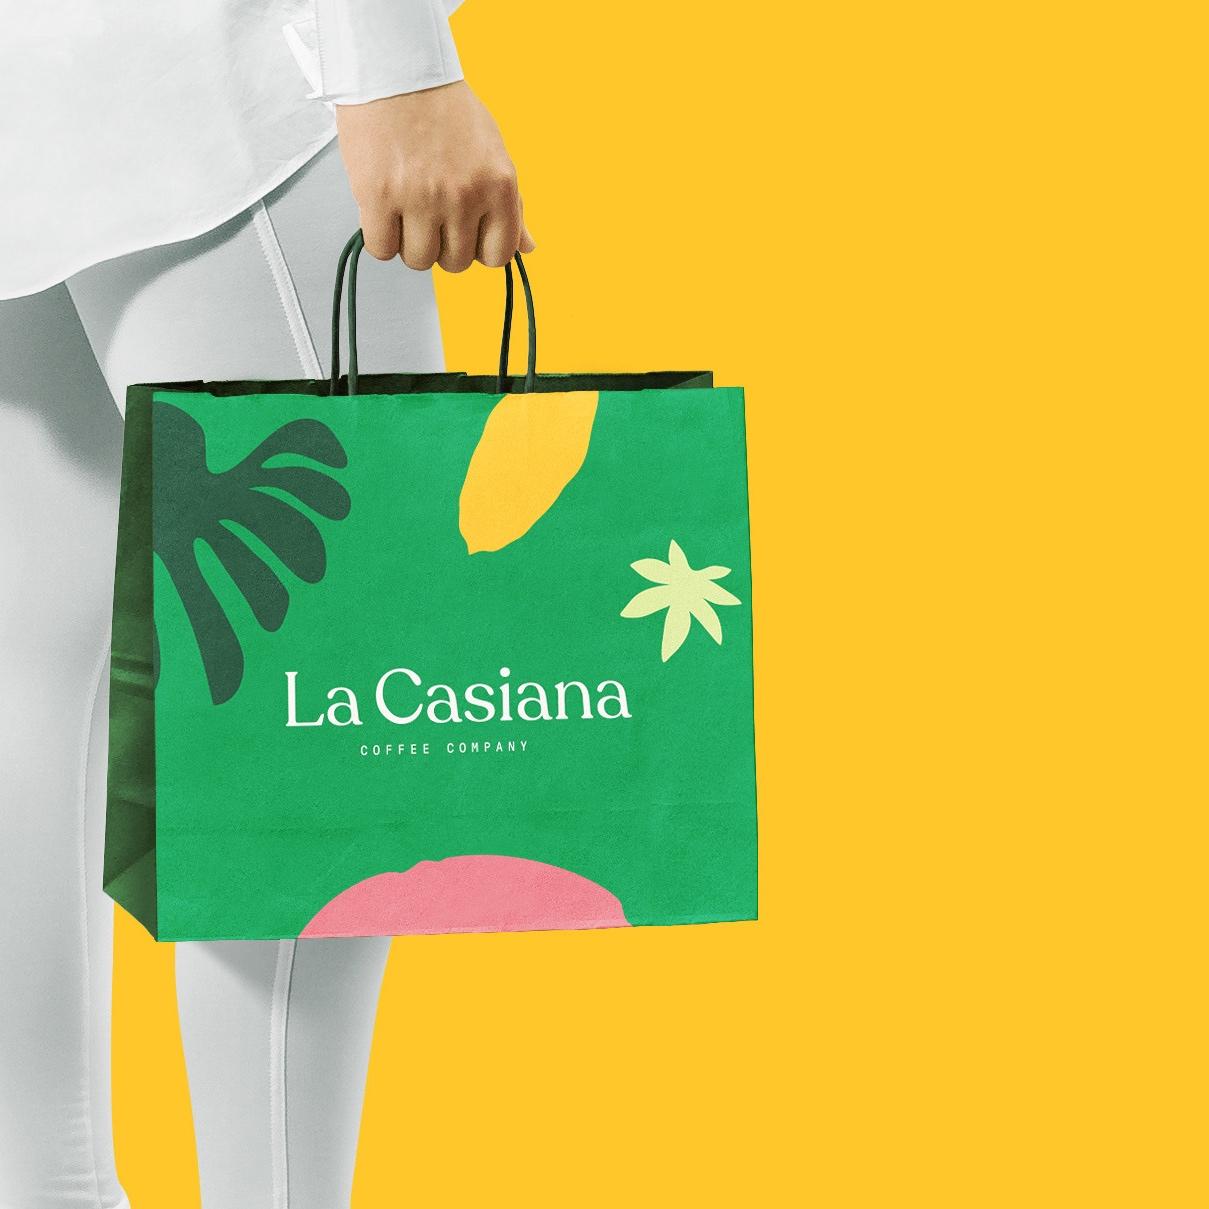 La Casiana Coffee Company - Proyecto de restyling, packaging, imagen y video corporativo. No hay nada mejor que lo visual para acercar tu empresa y producto al cliente.